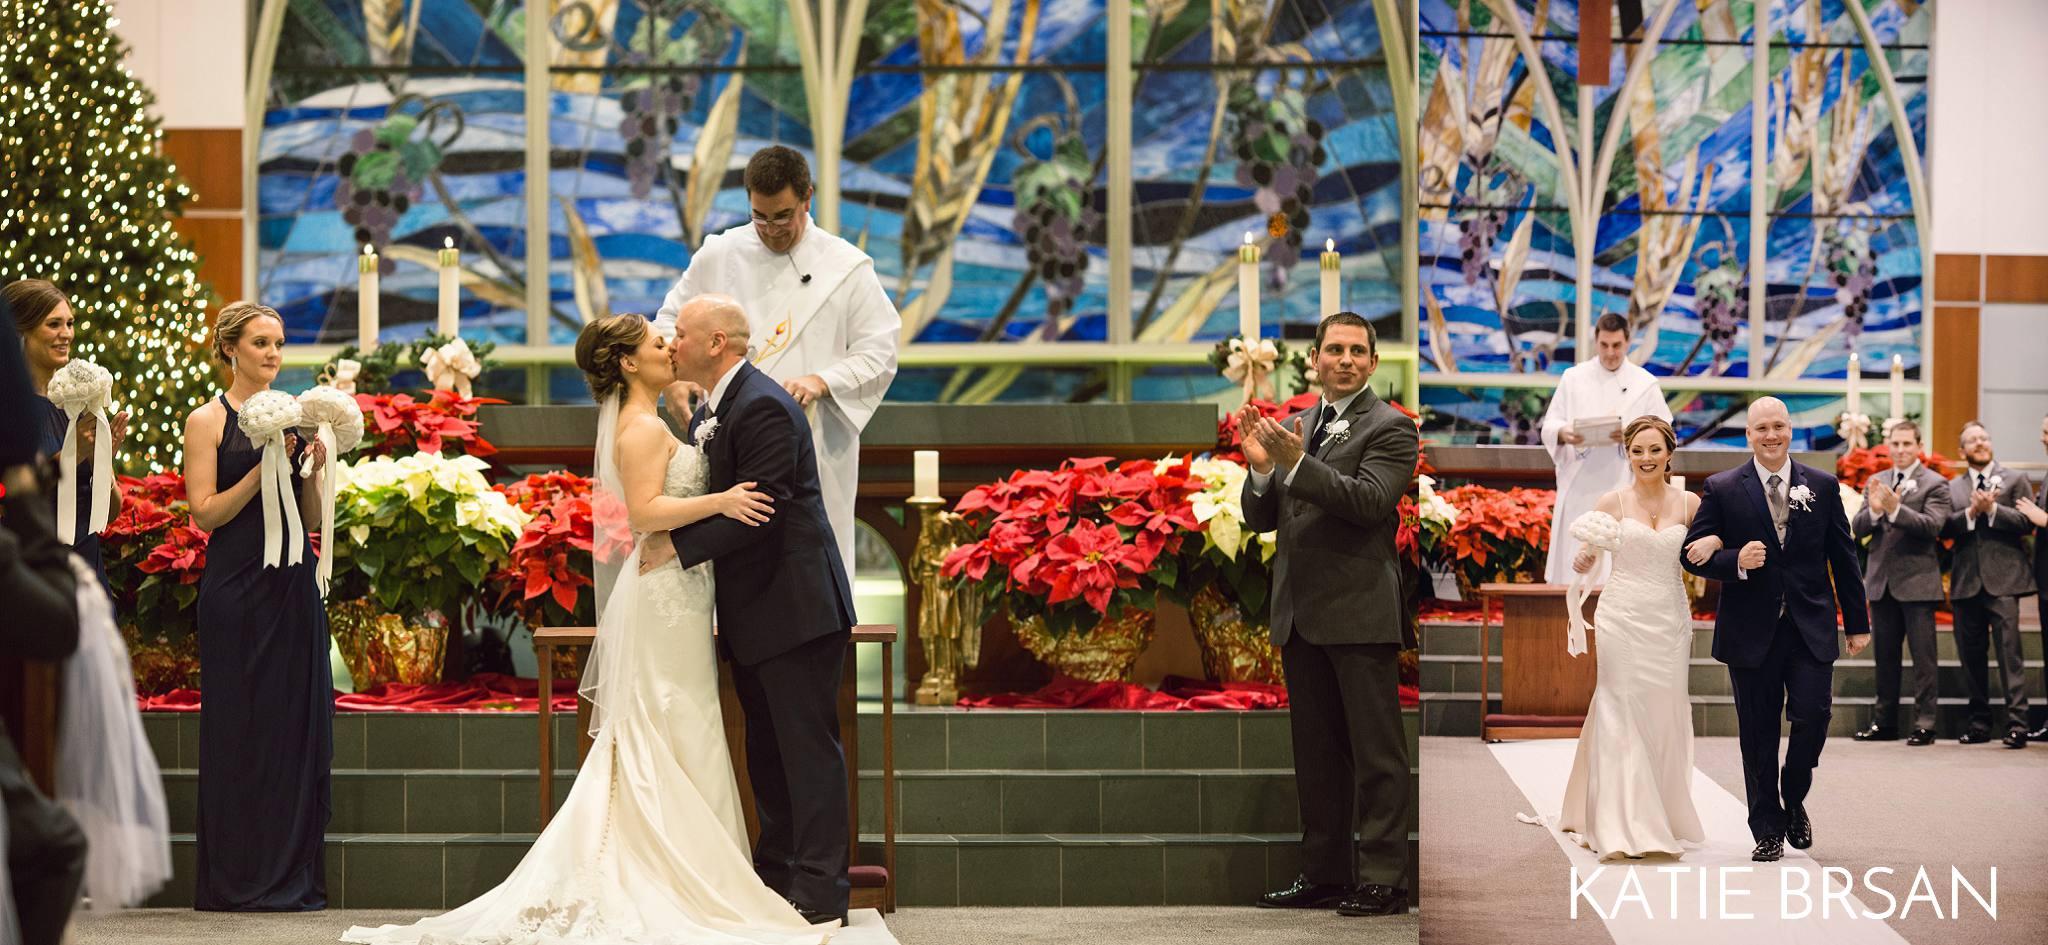 KatieBrsan-NewYearsEve-Wedding_0462.jpg